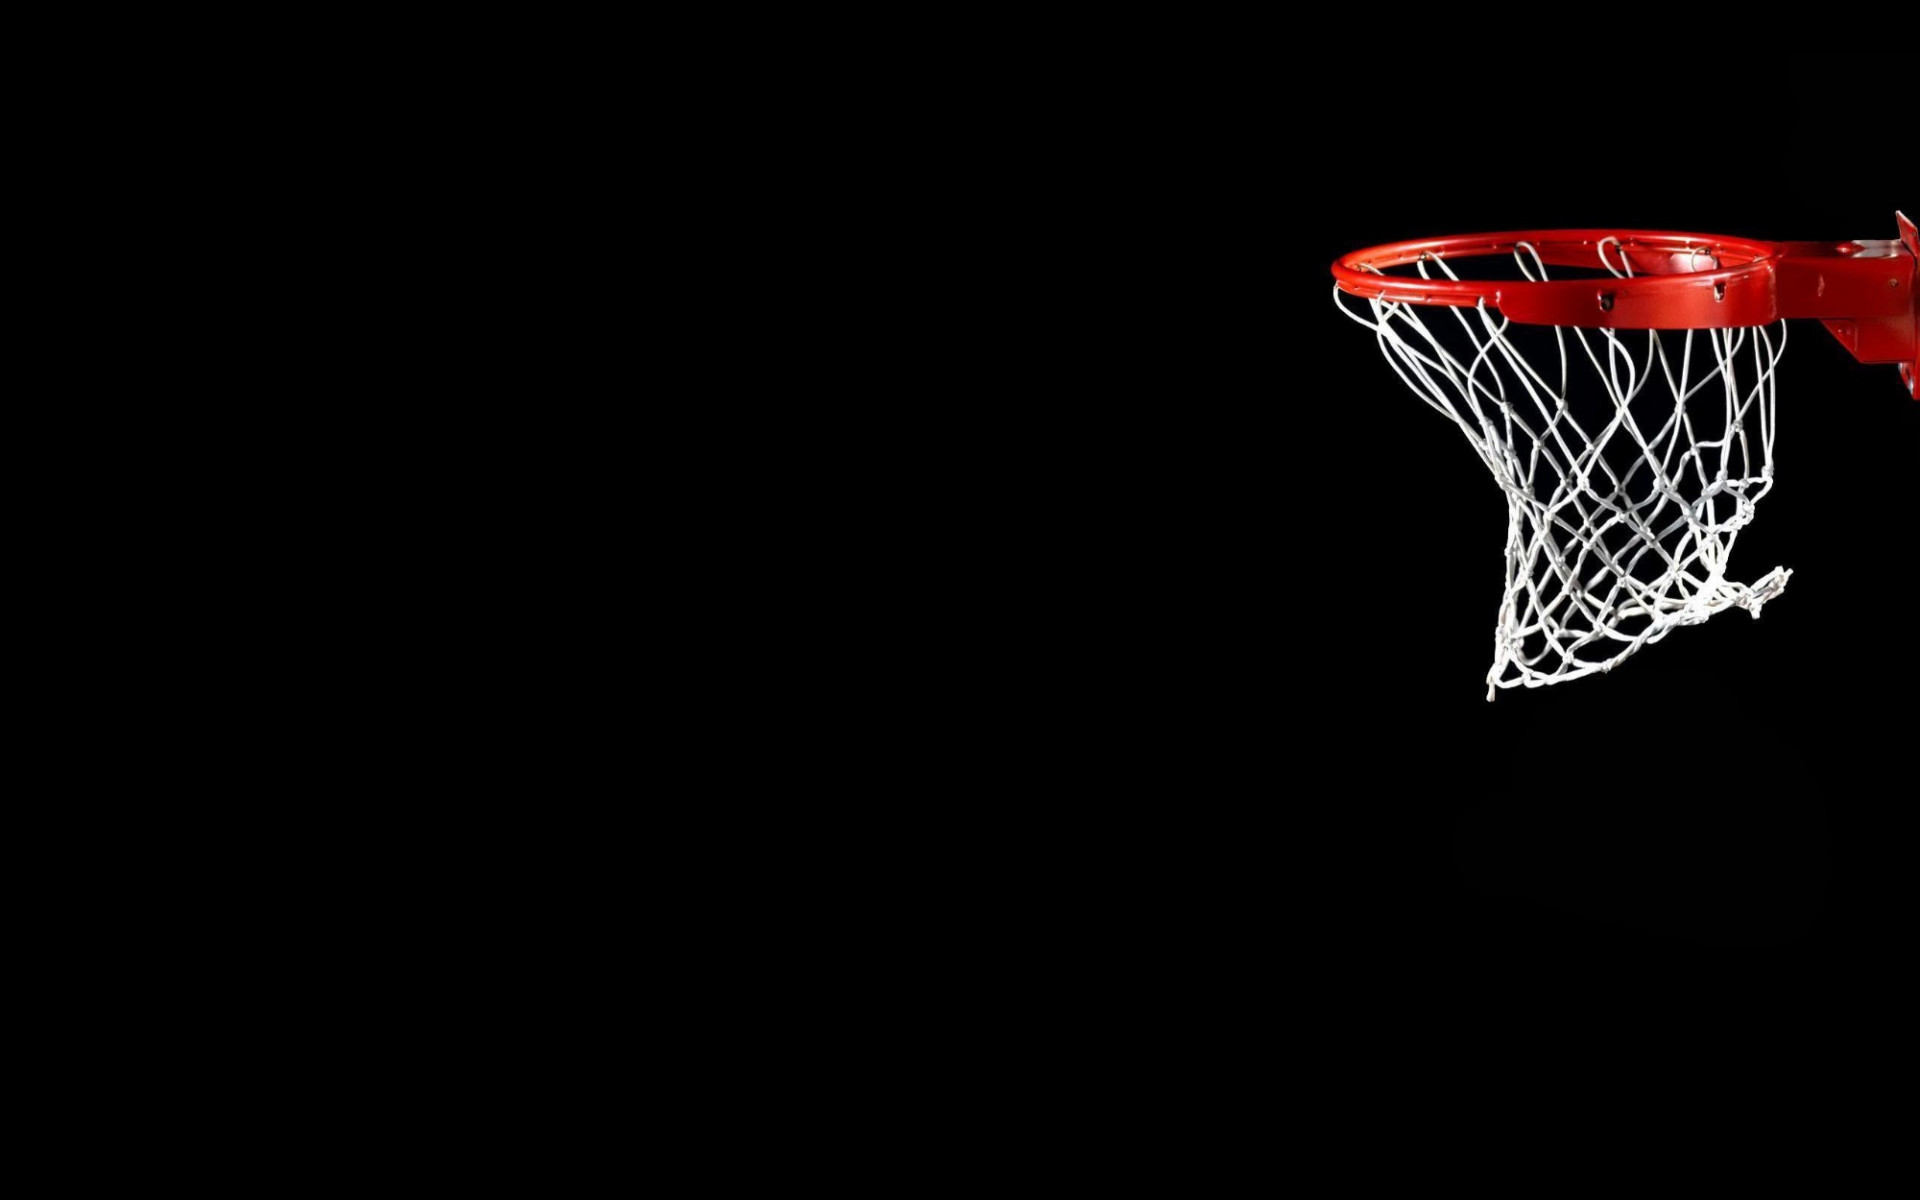 Летний чемпионат Казахстана по баскетболу 3х3 перенесен на август